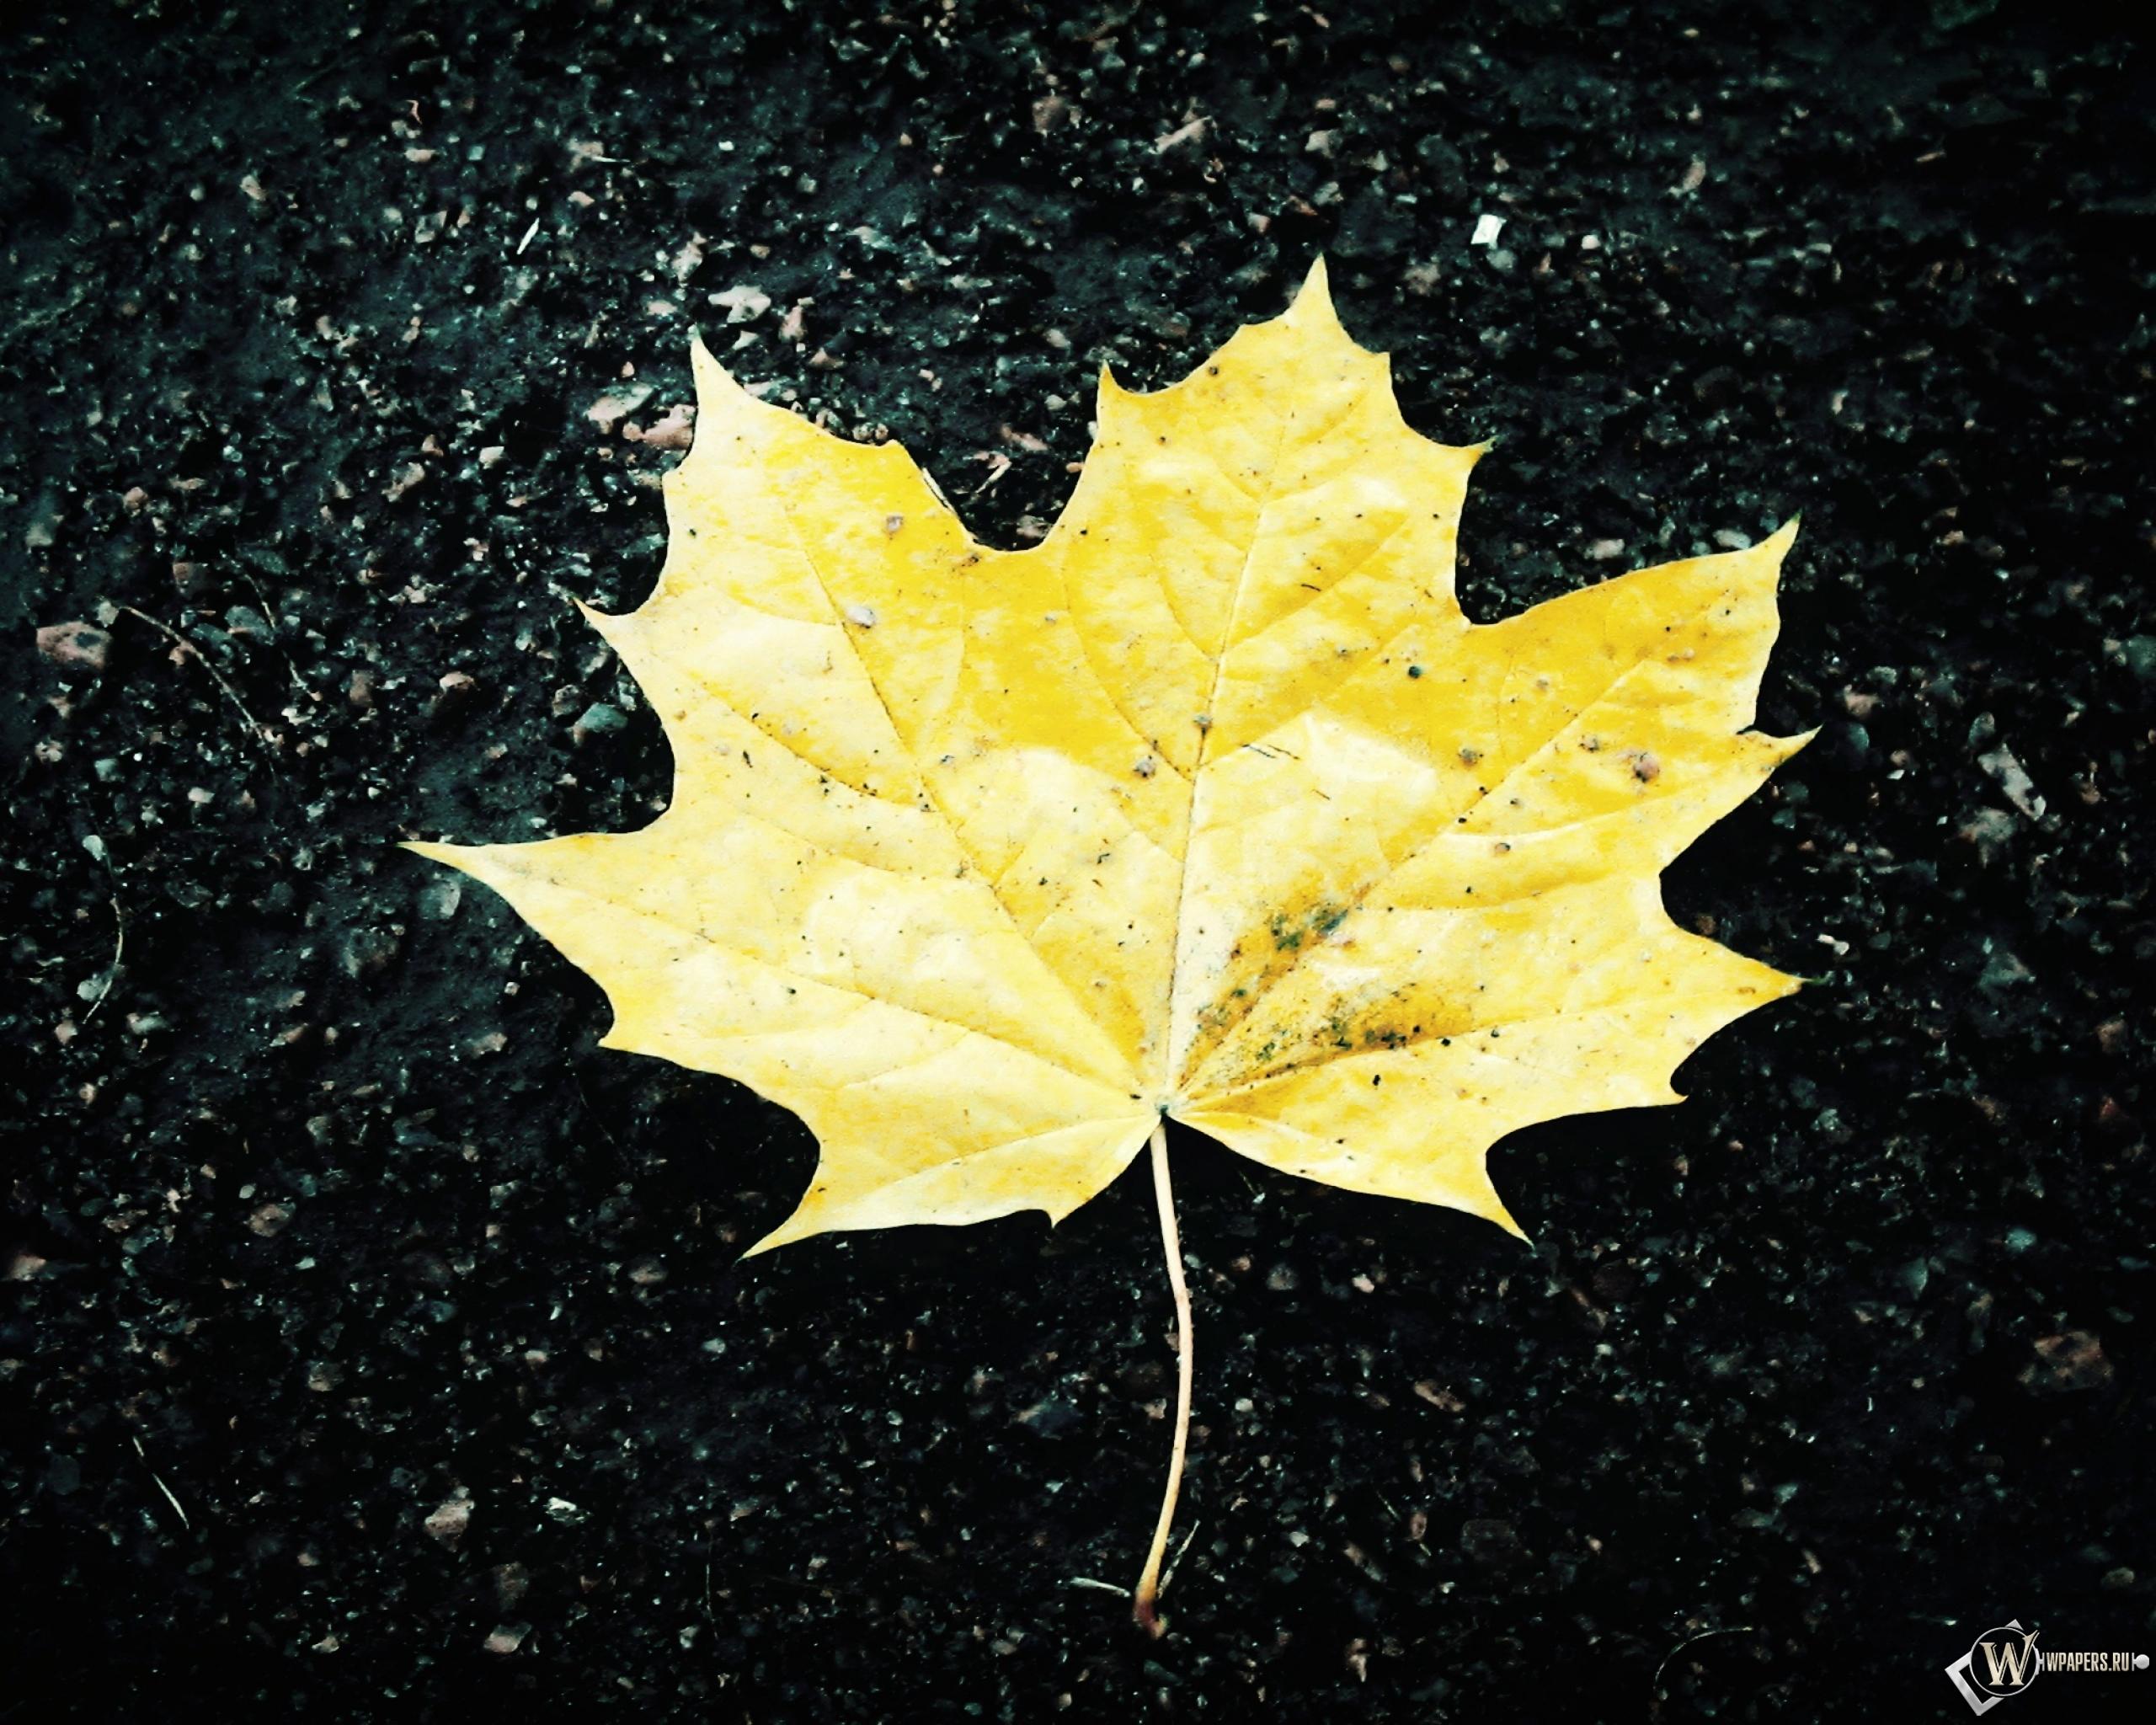 Жёлтый кленовый лист 2560x2048